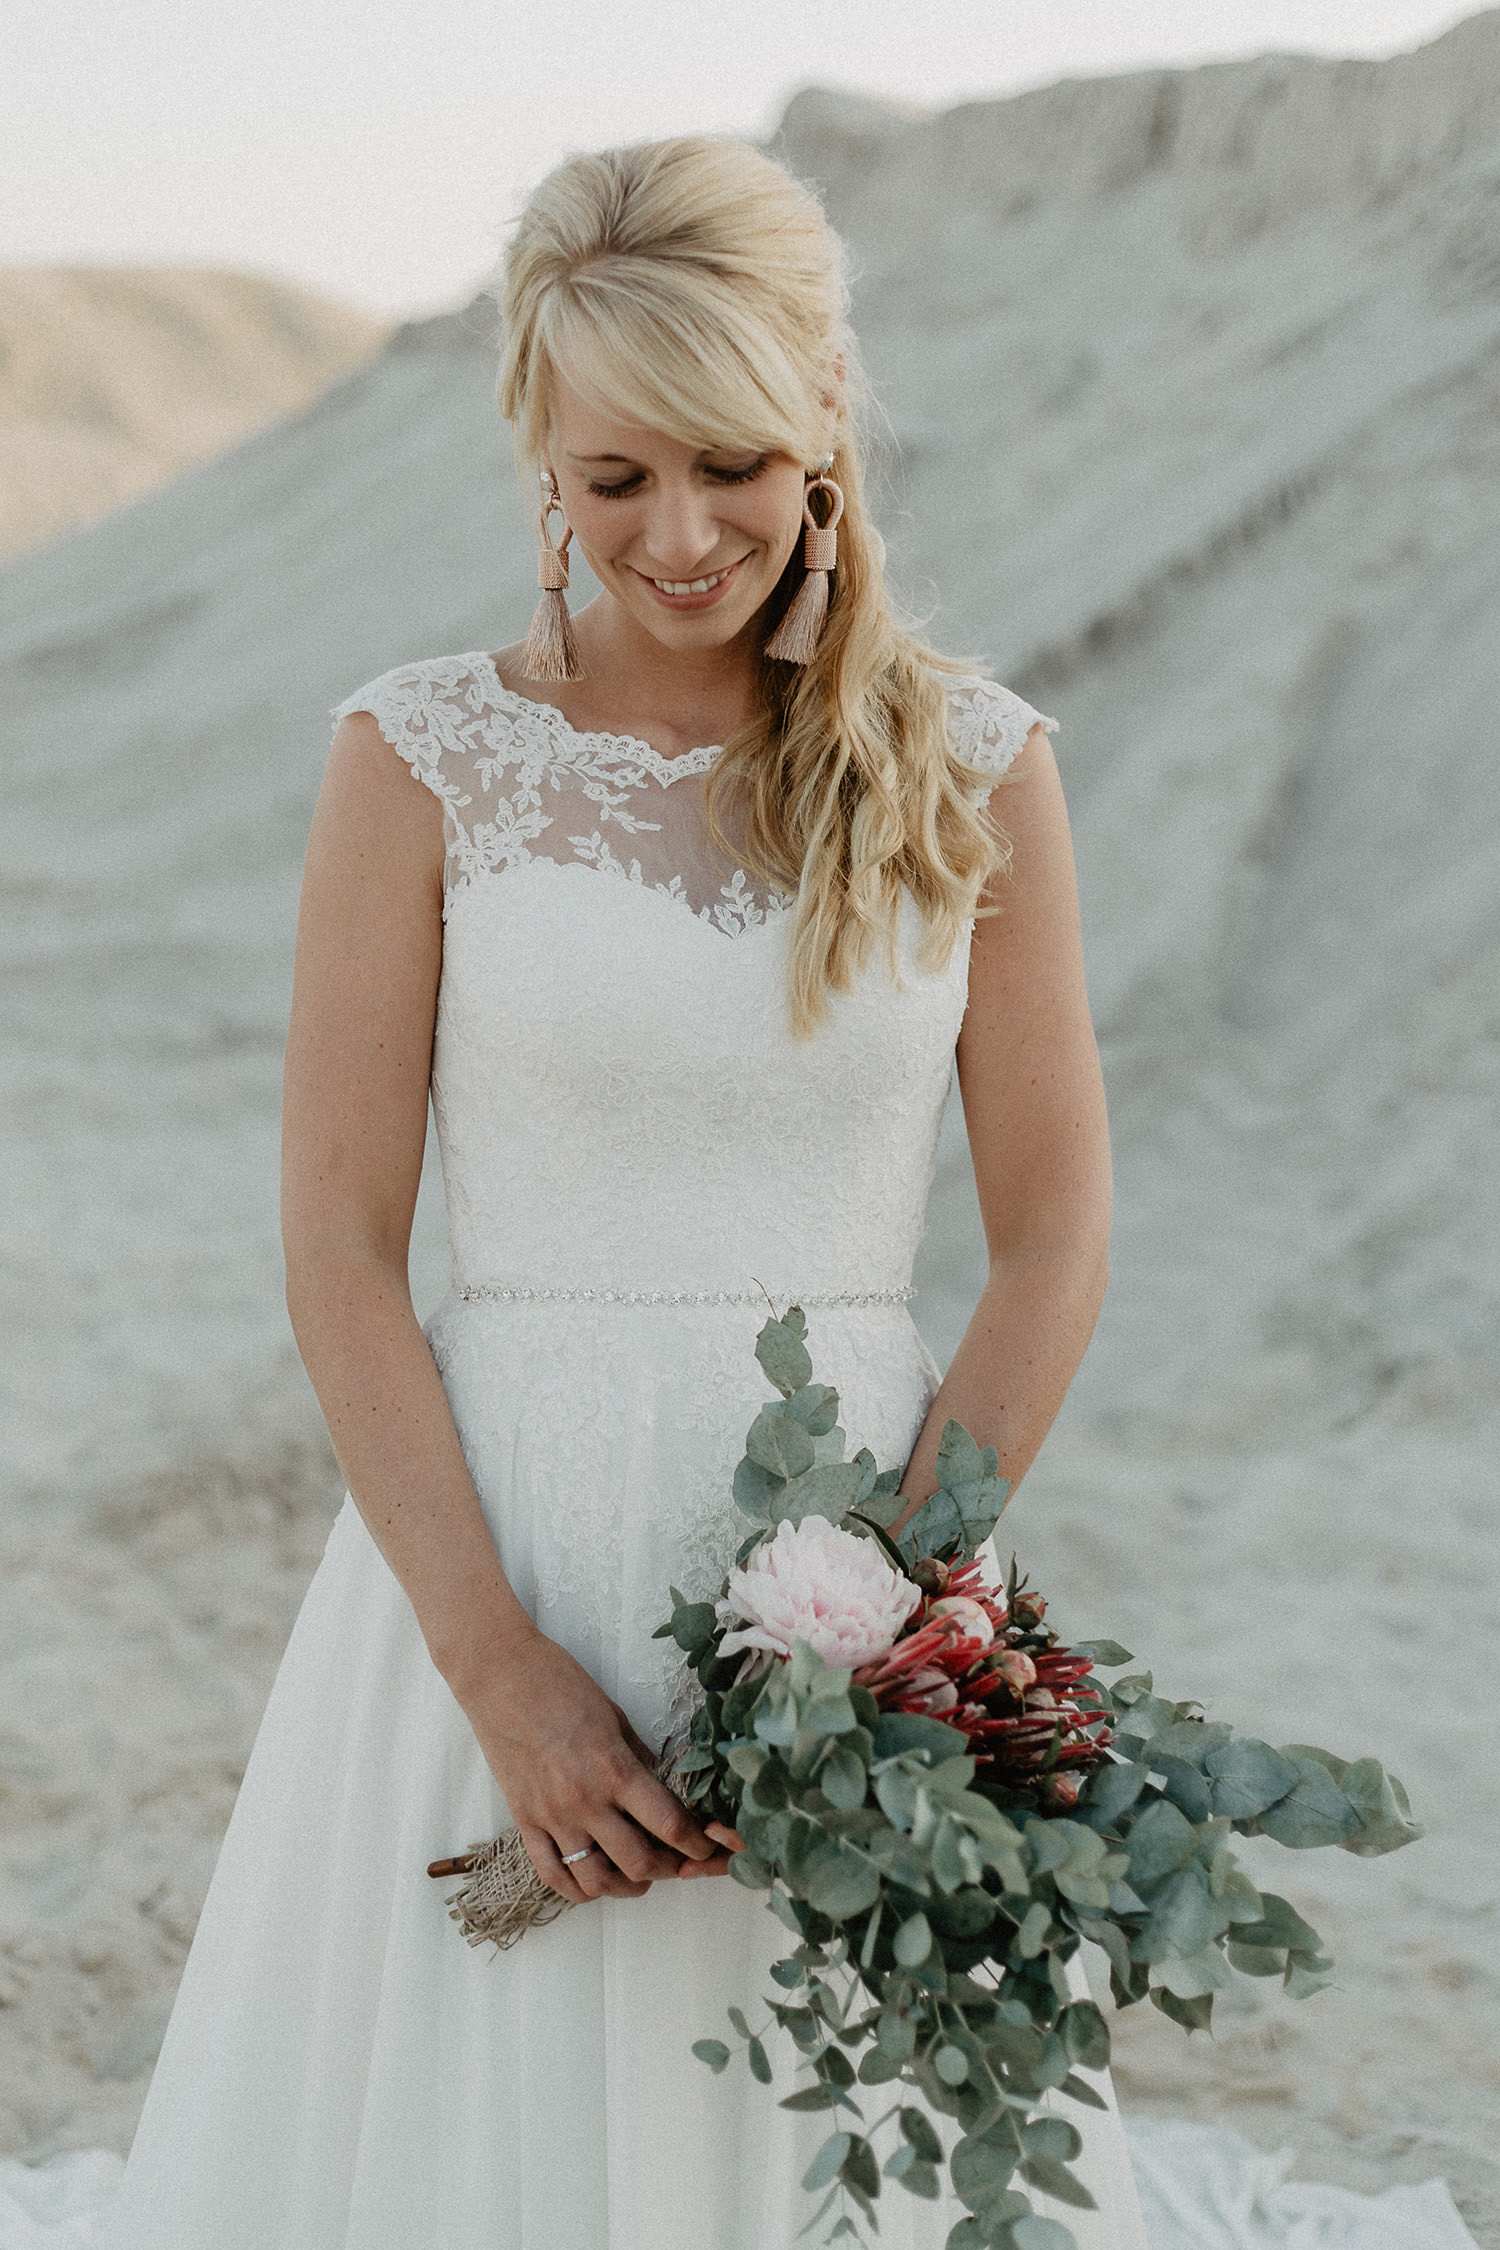 Hochzeitsfoto eines Fotograf / Hochzeitsfotografen in Cloppenburg